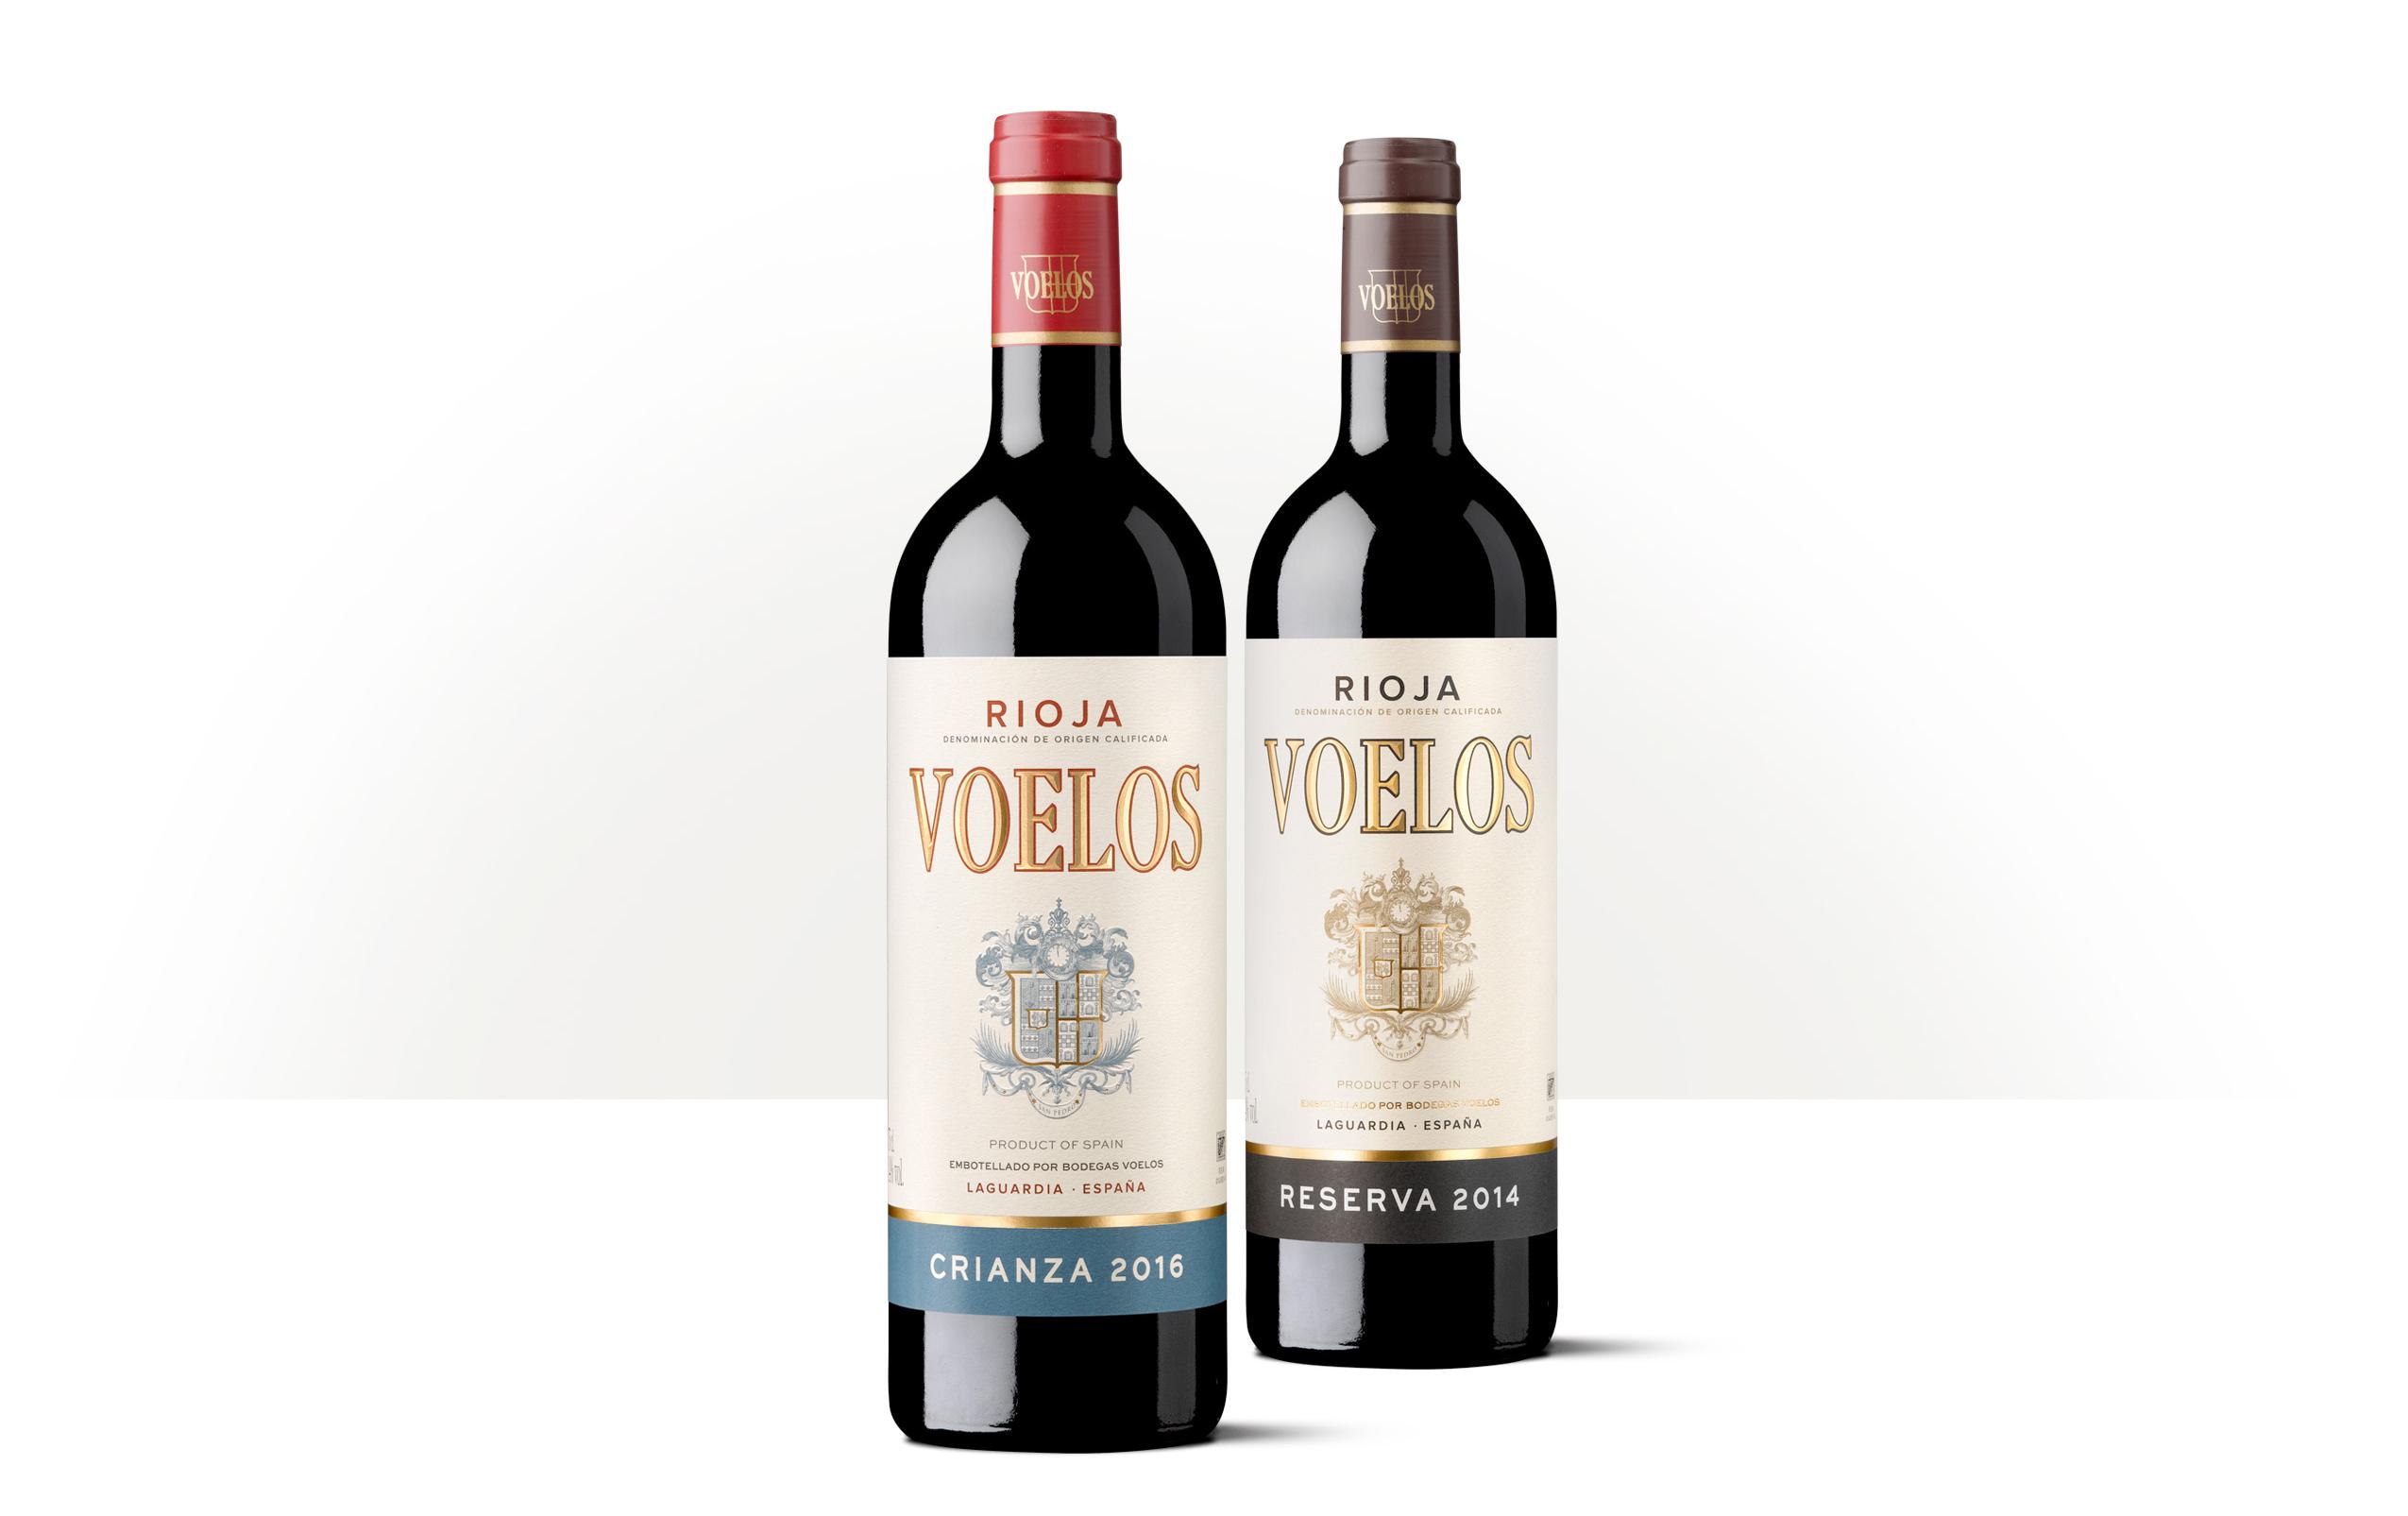 Voelos Crianza y Reserva de Rioja.